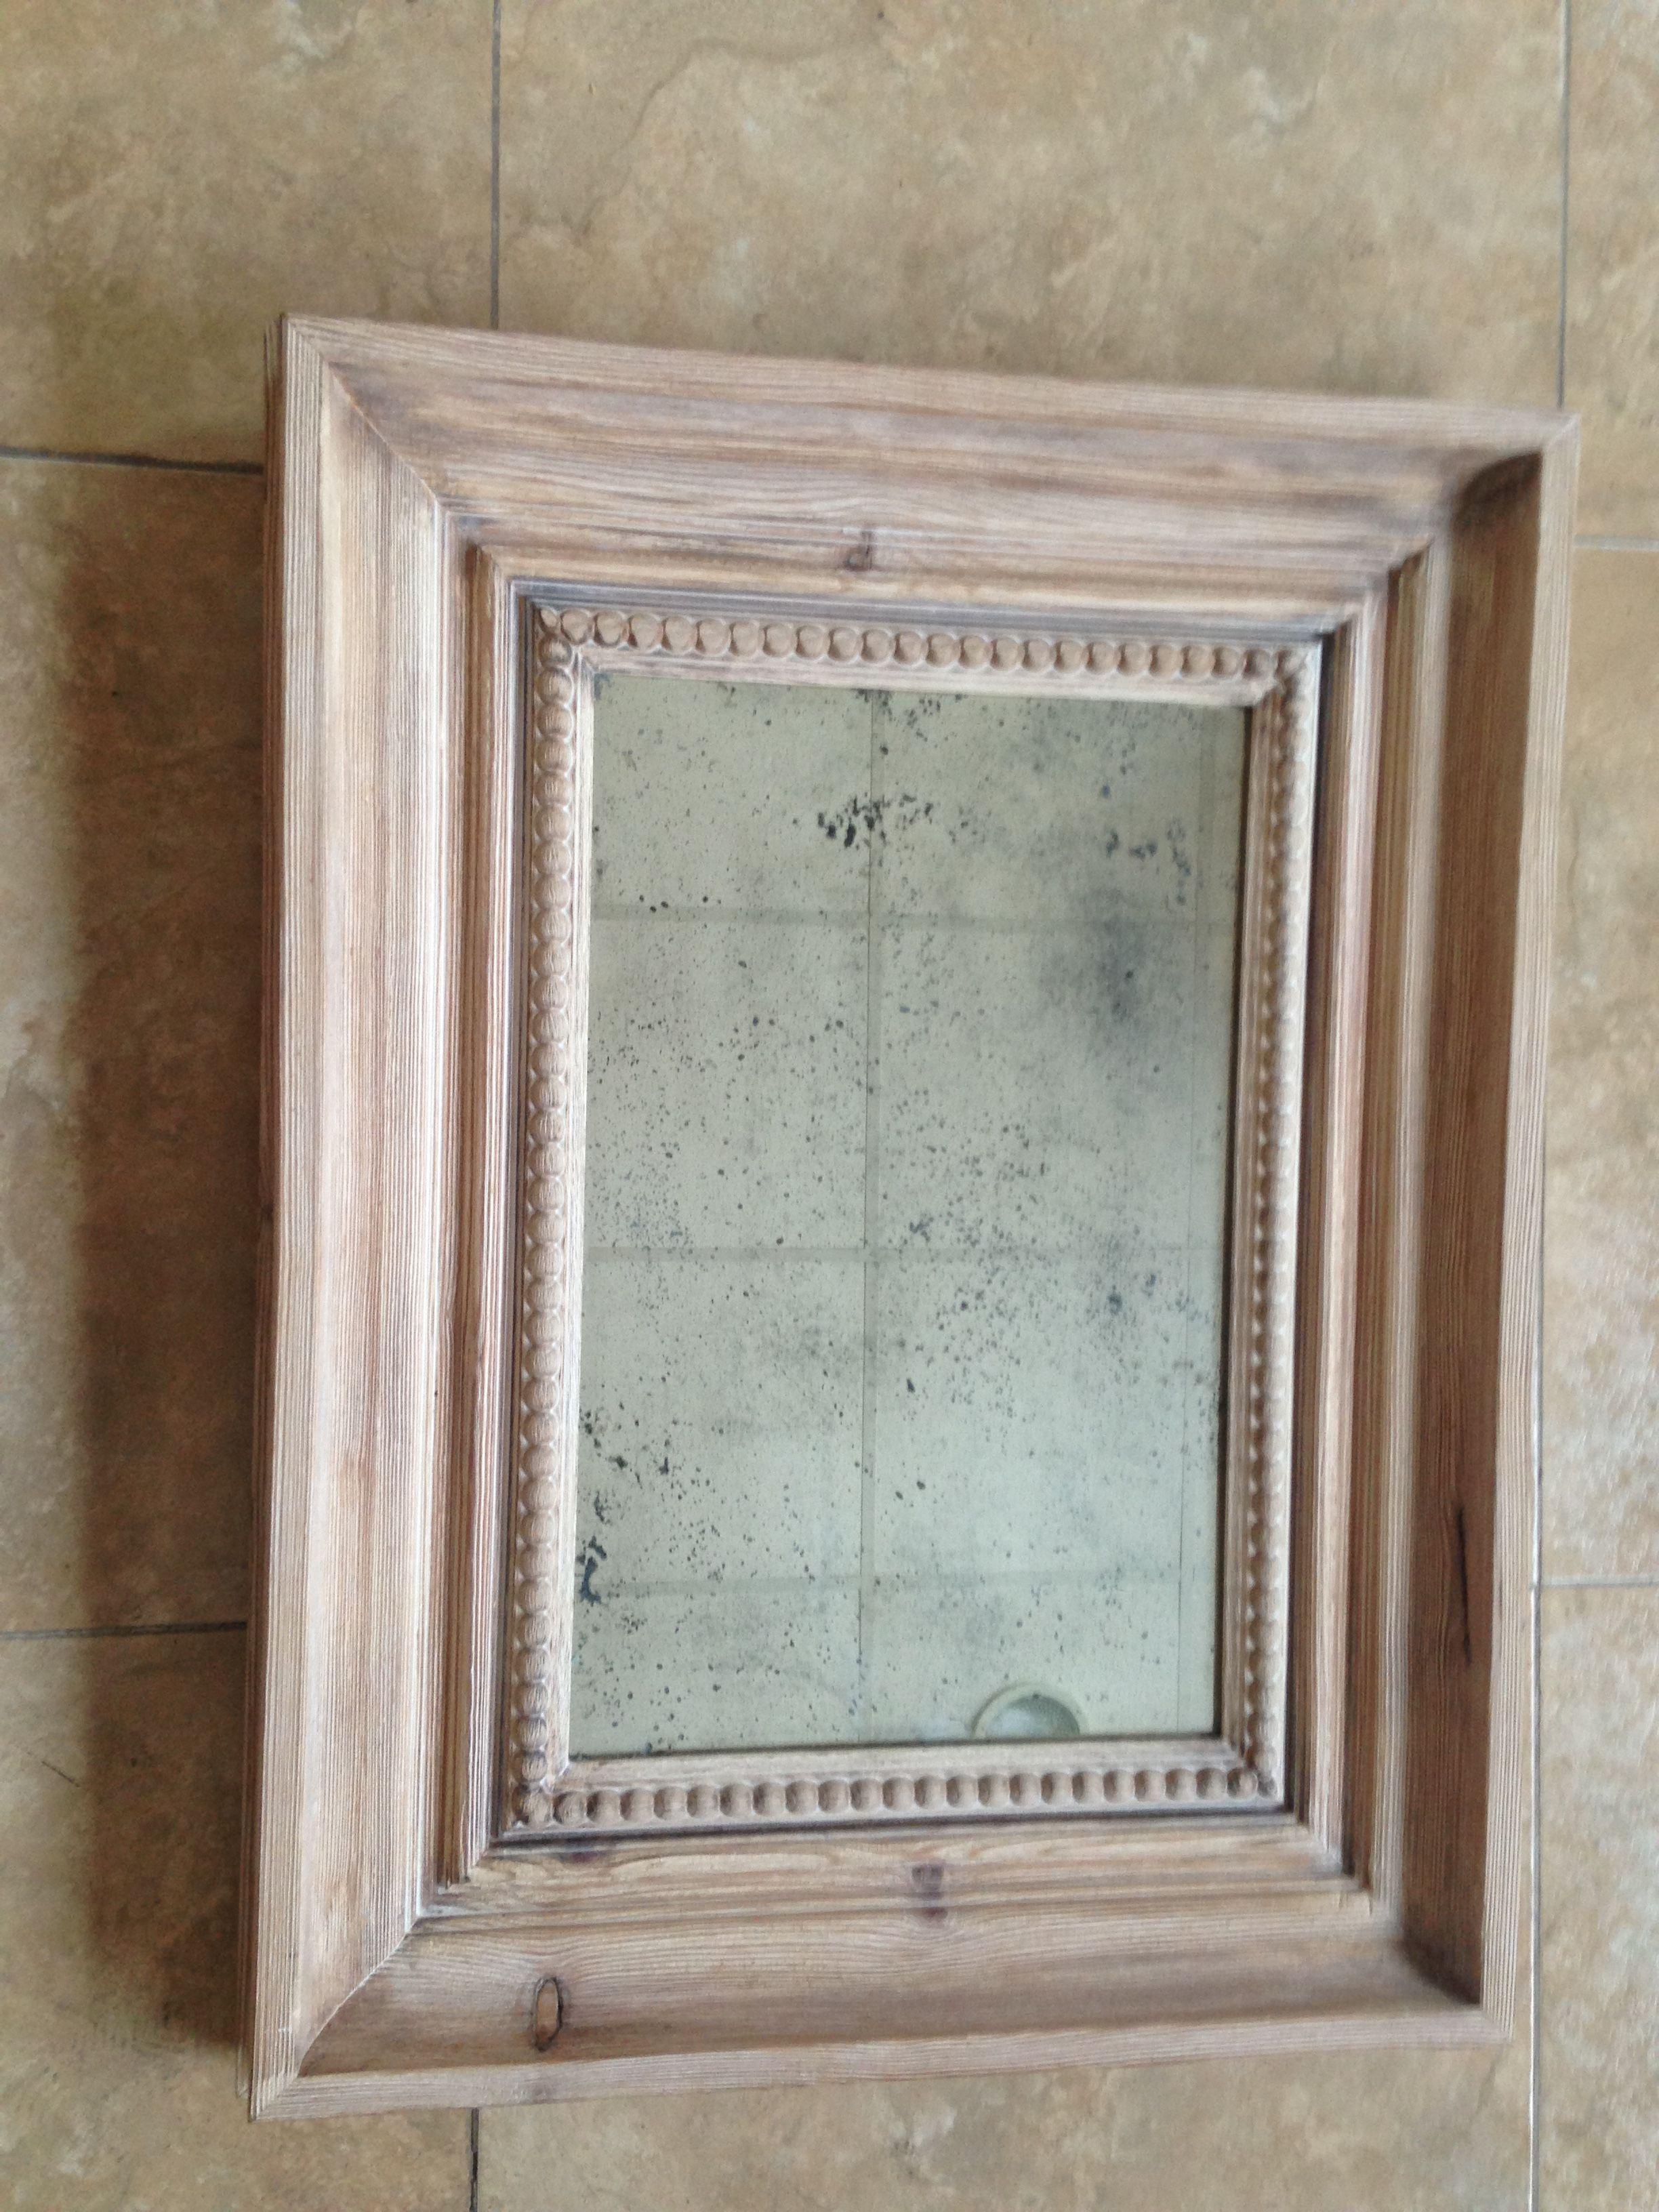 marco 10cm pino con espejo envejecido impresionante marco